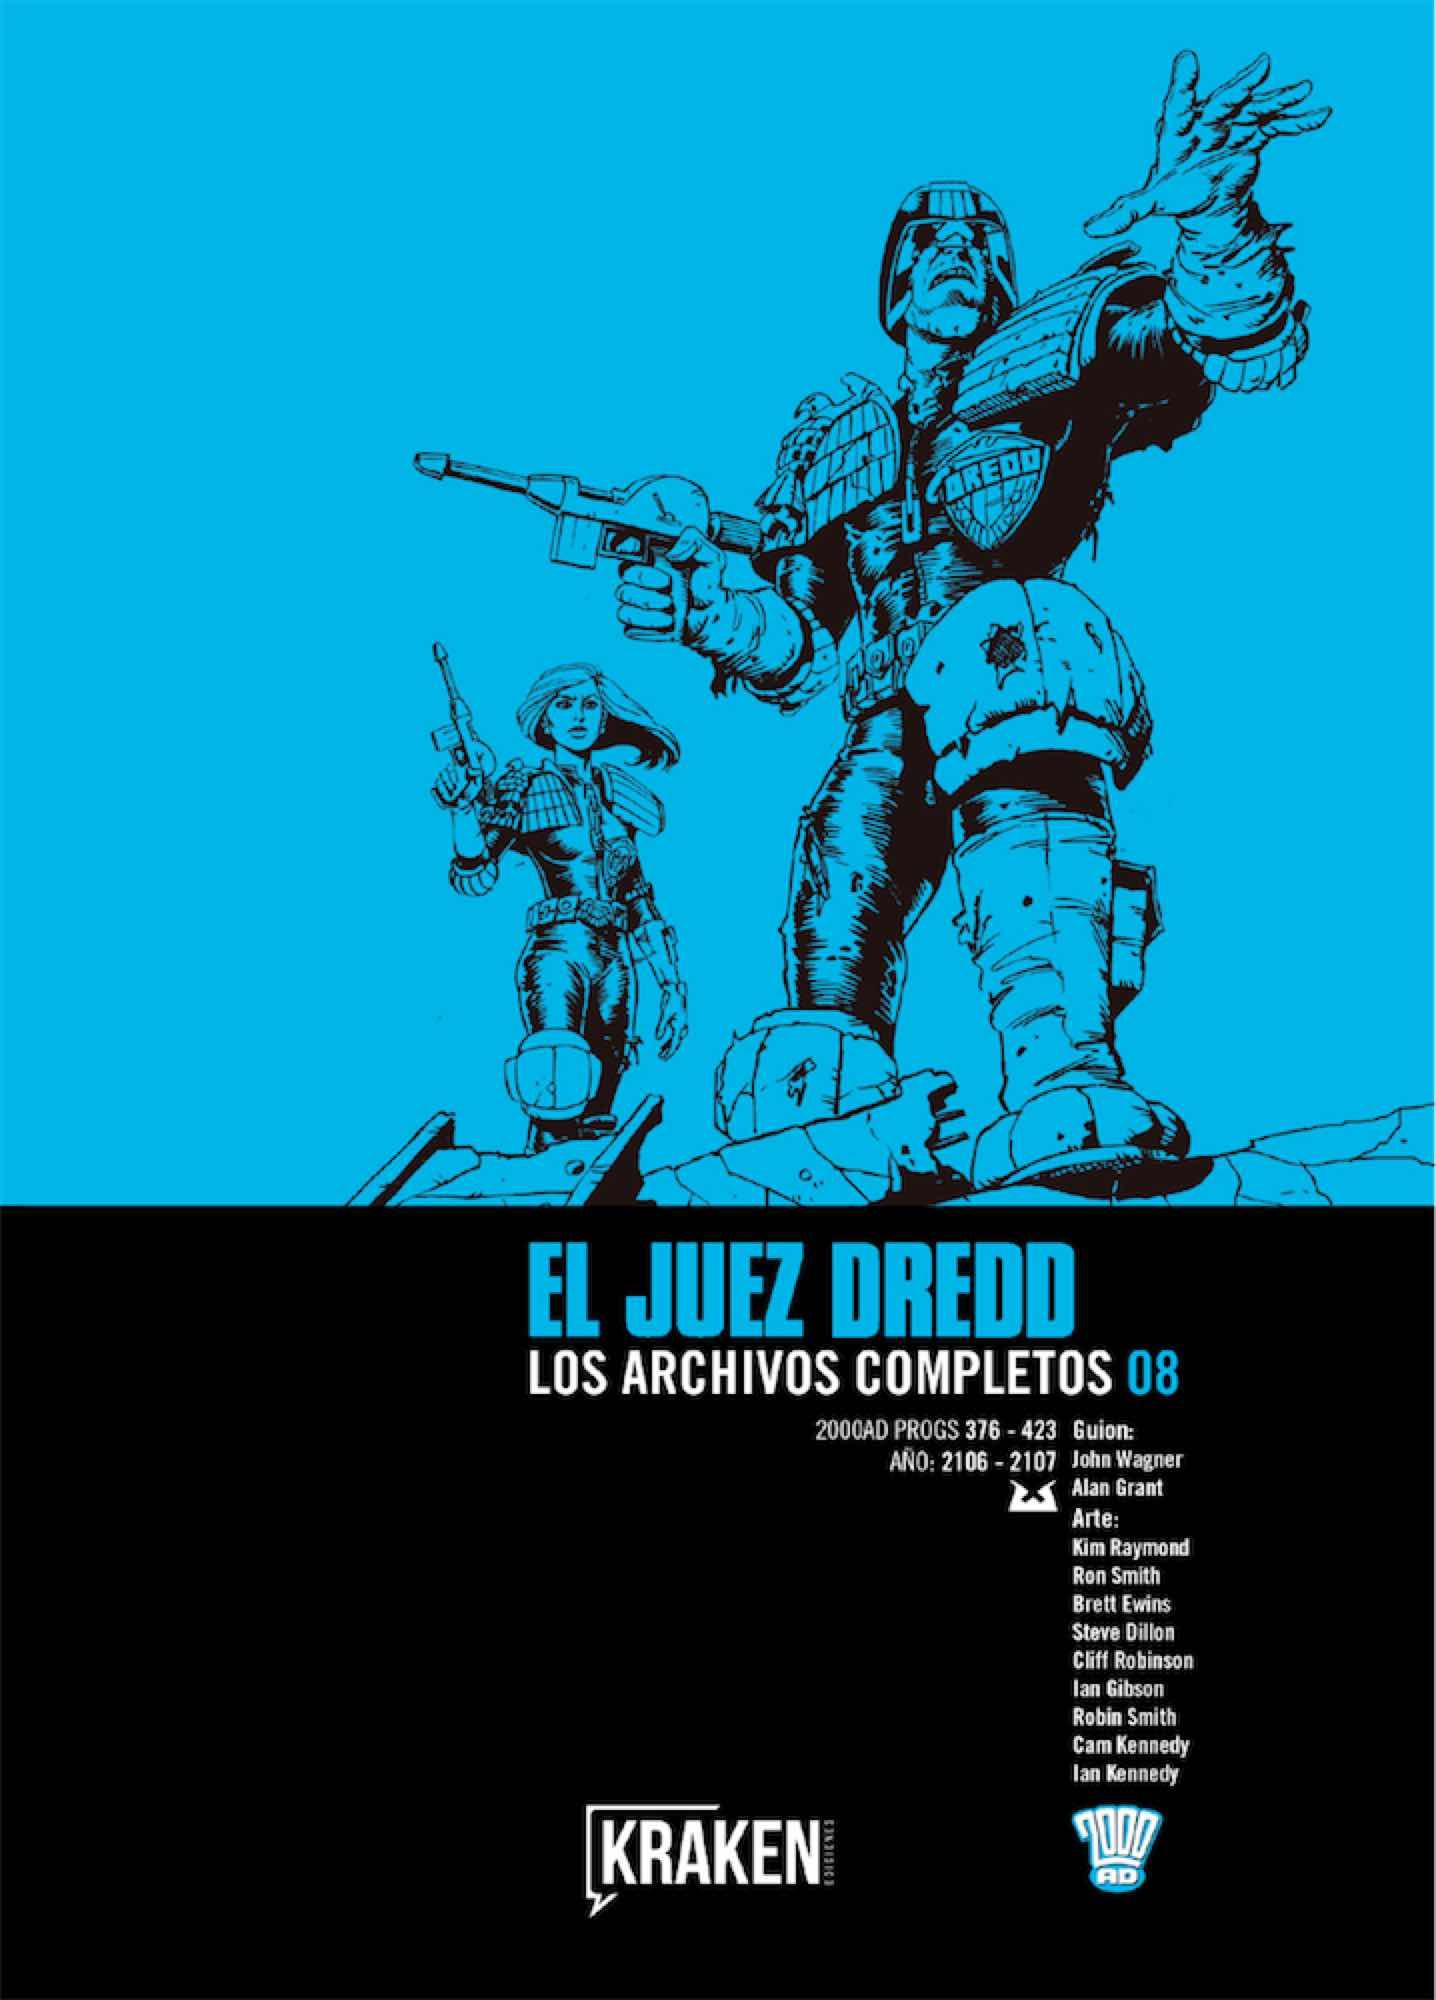 JUEZ DREDD LOS ARCHIVOS COMPLETOS 08